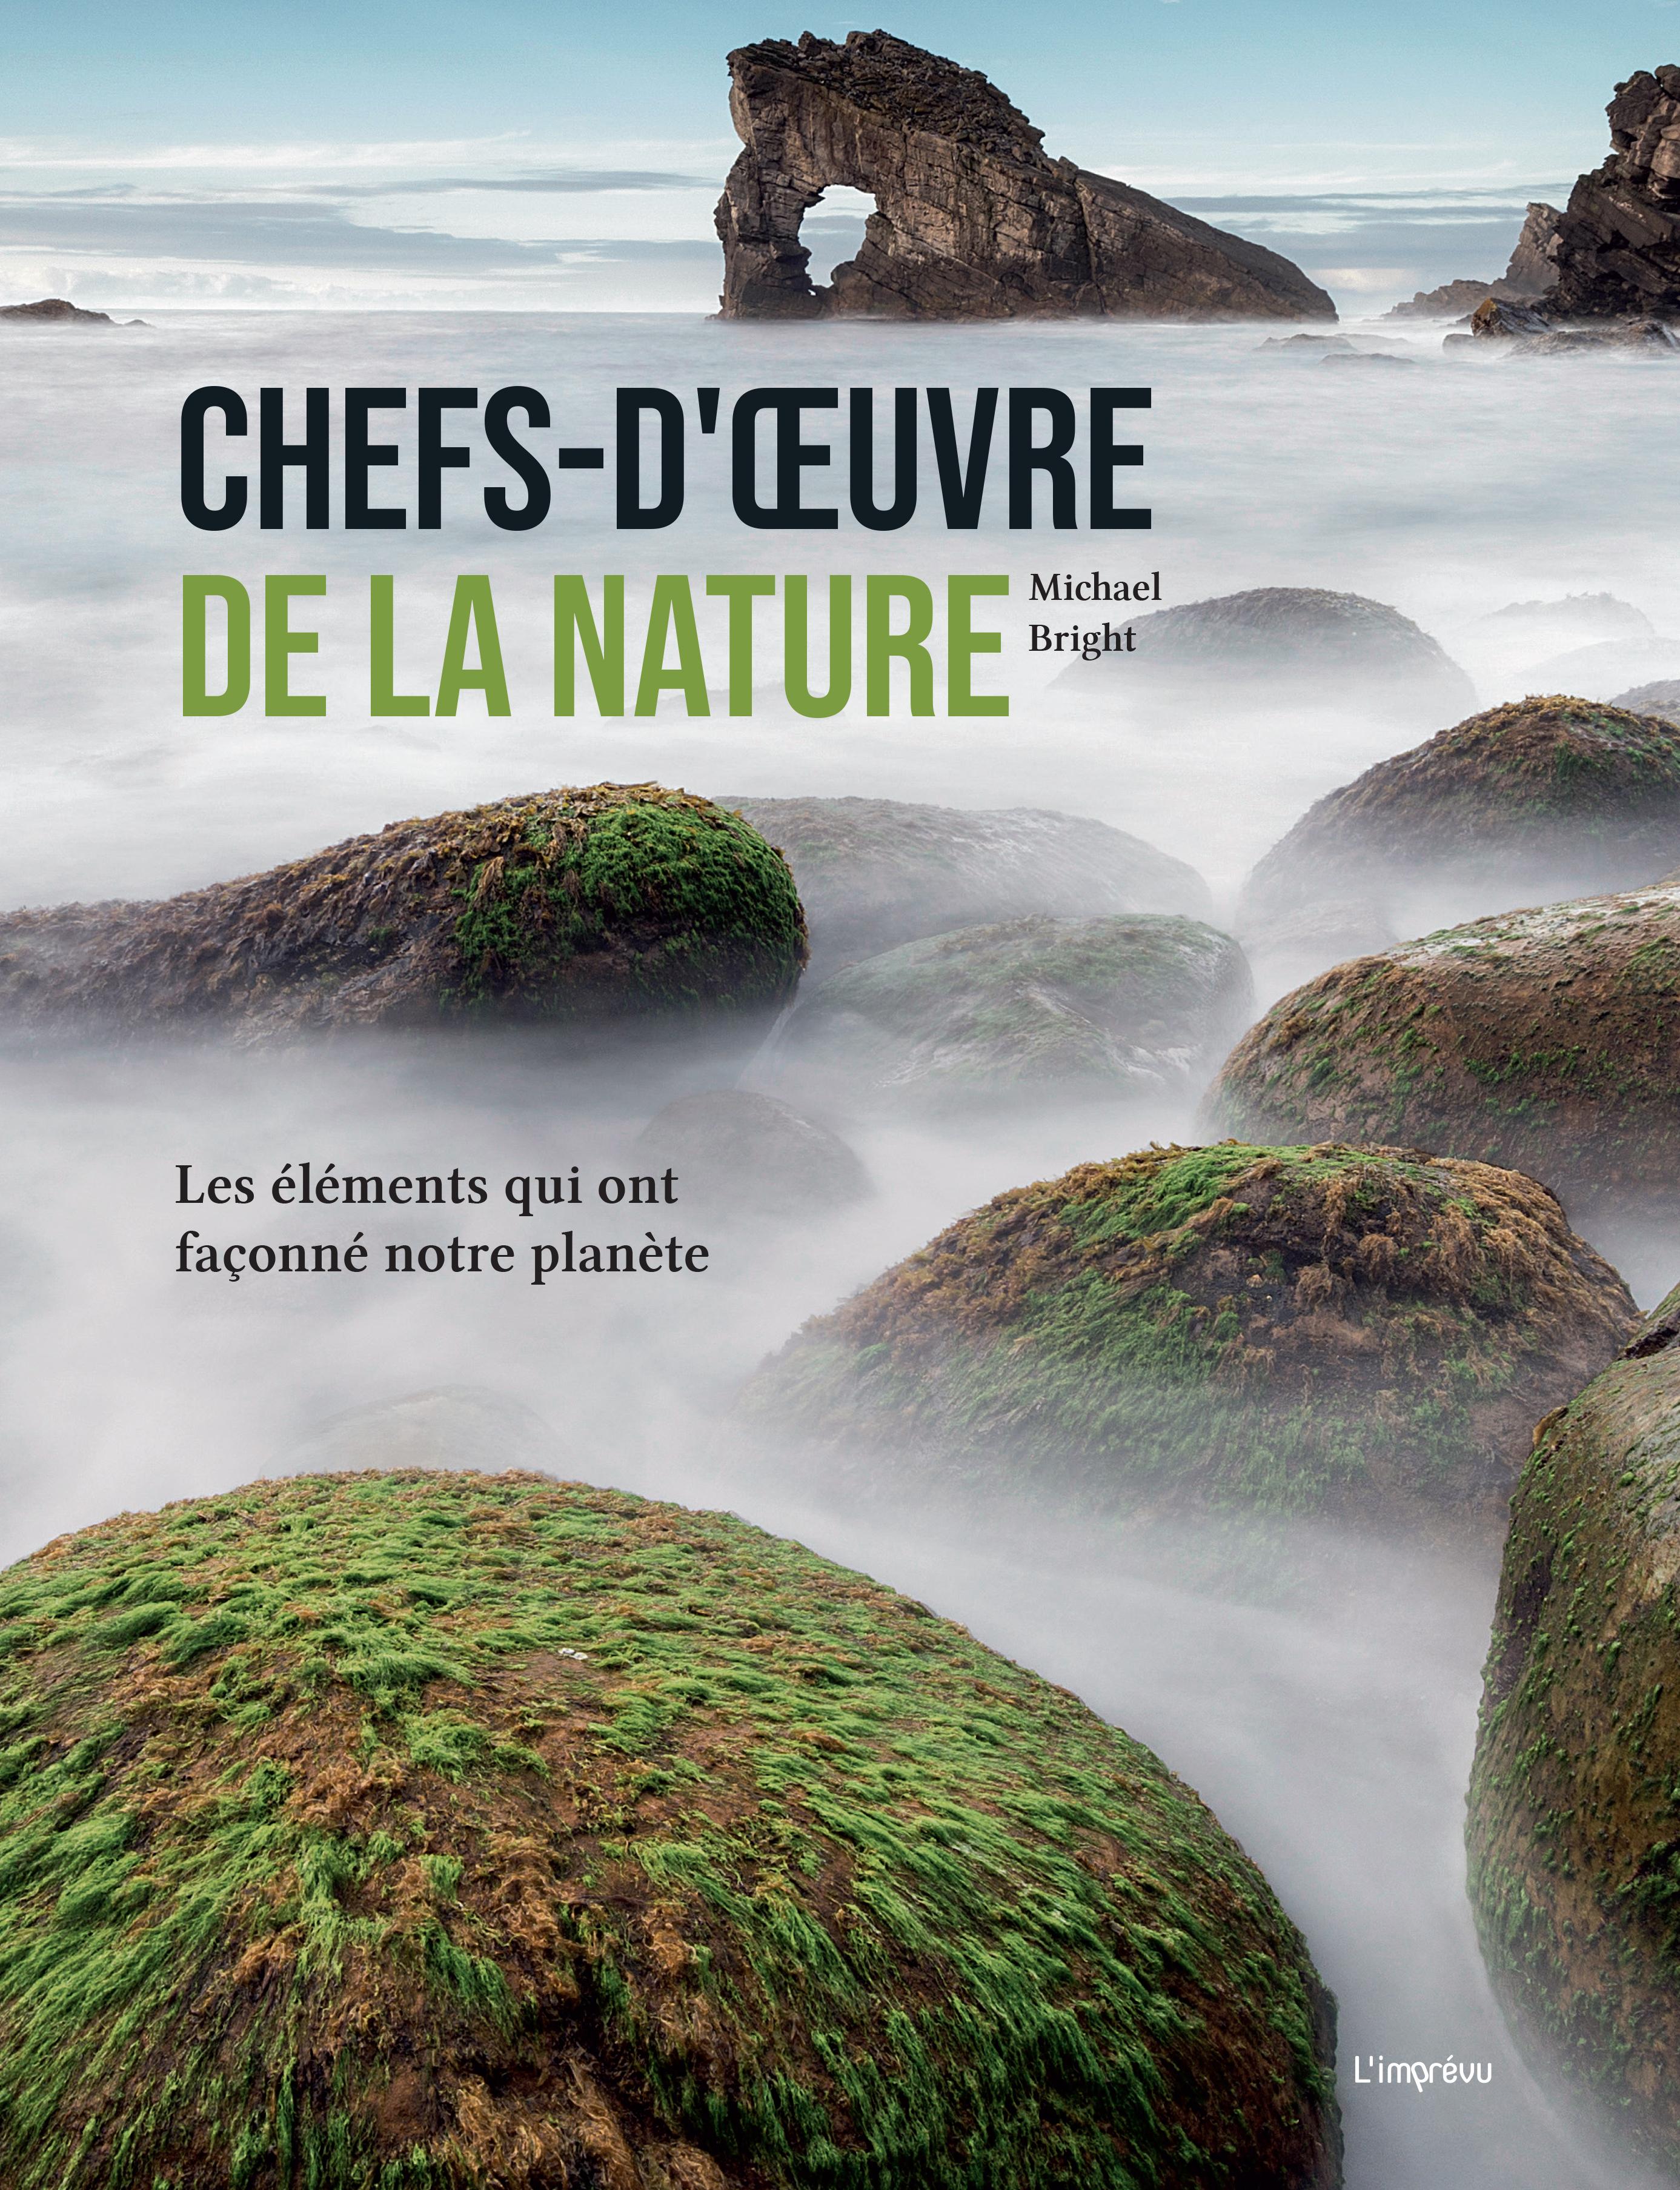 CHEFS-D'OEUVRE DE LA NATURE LES ELEMENTS QUI ONT FACONNE NOTRE PLANETE